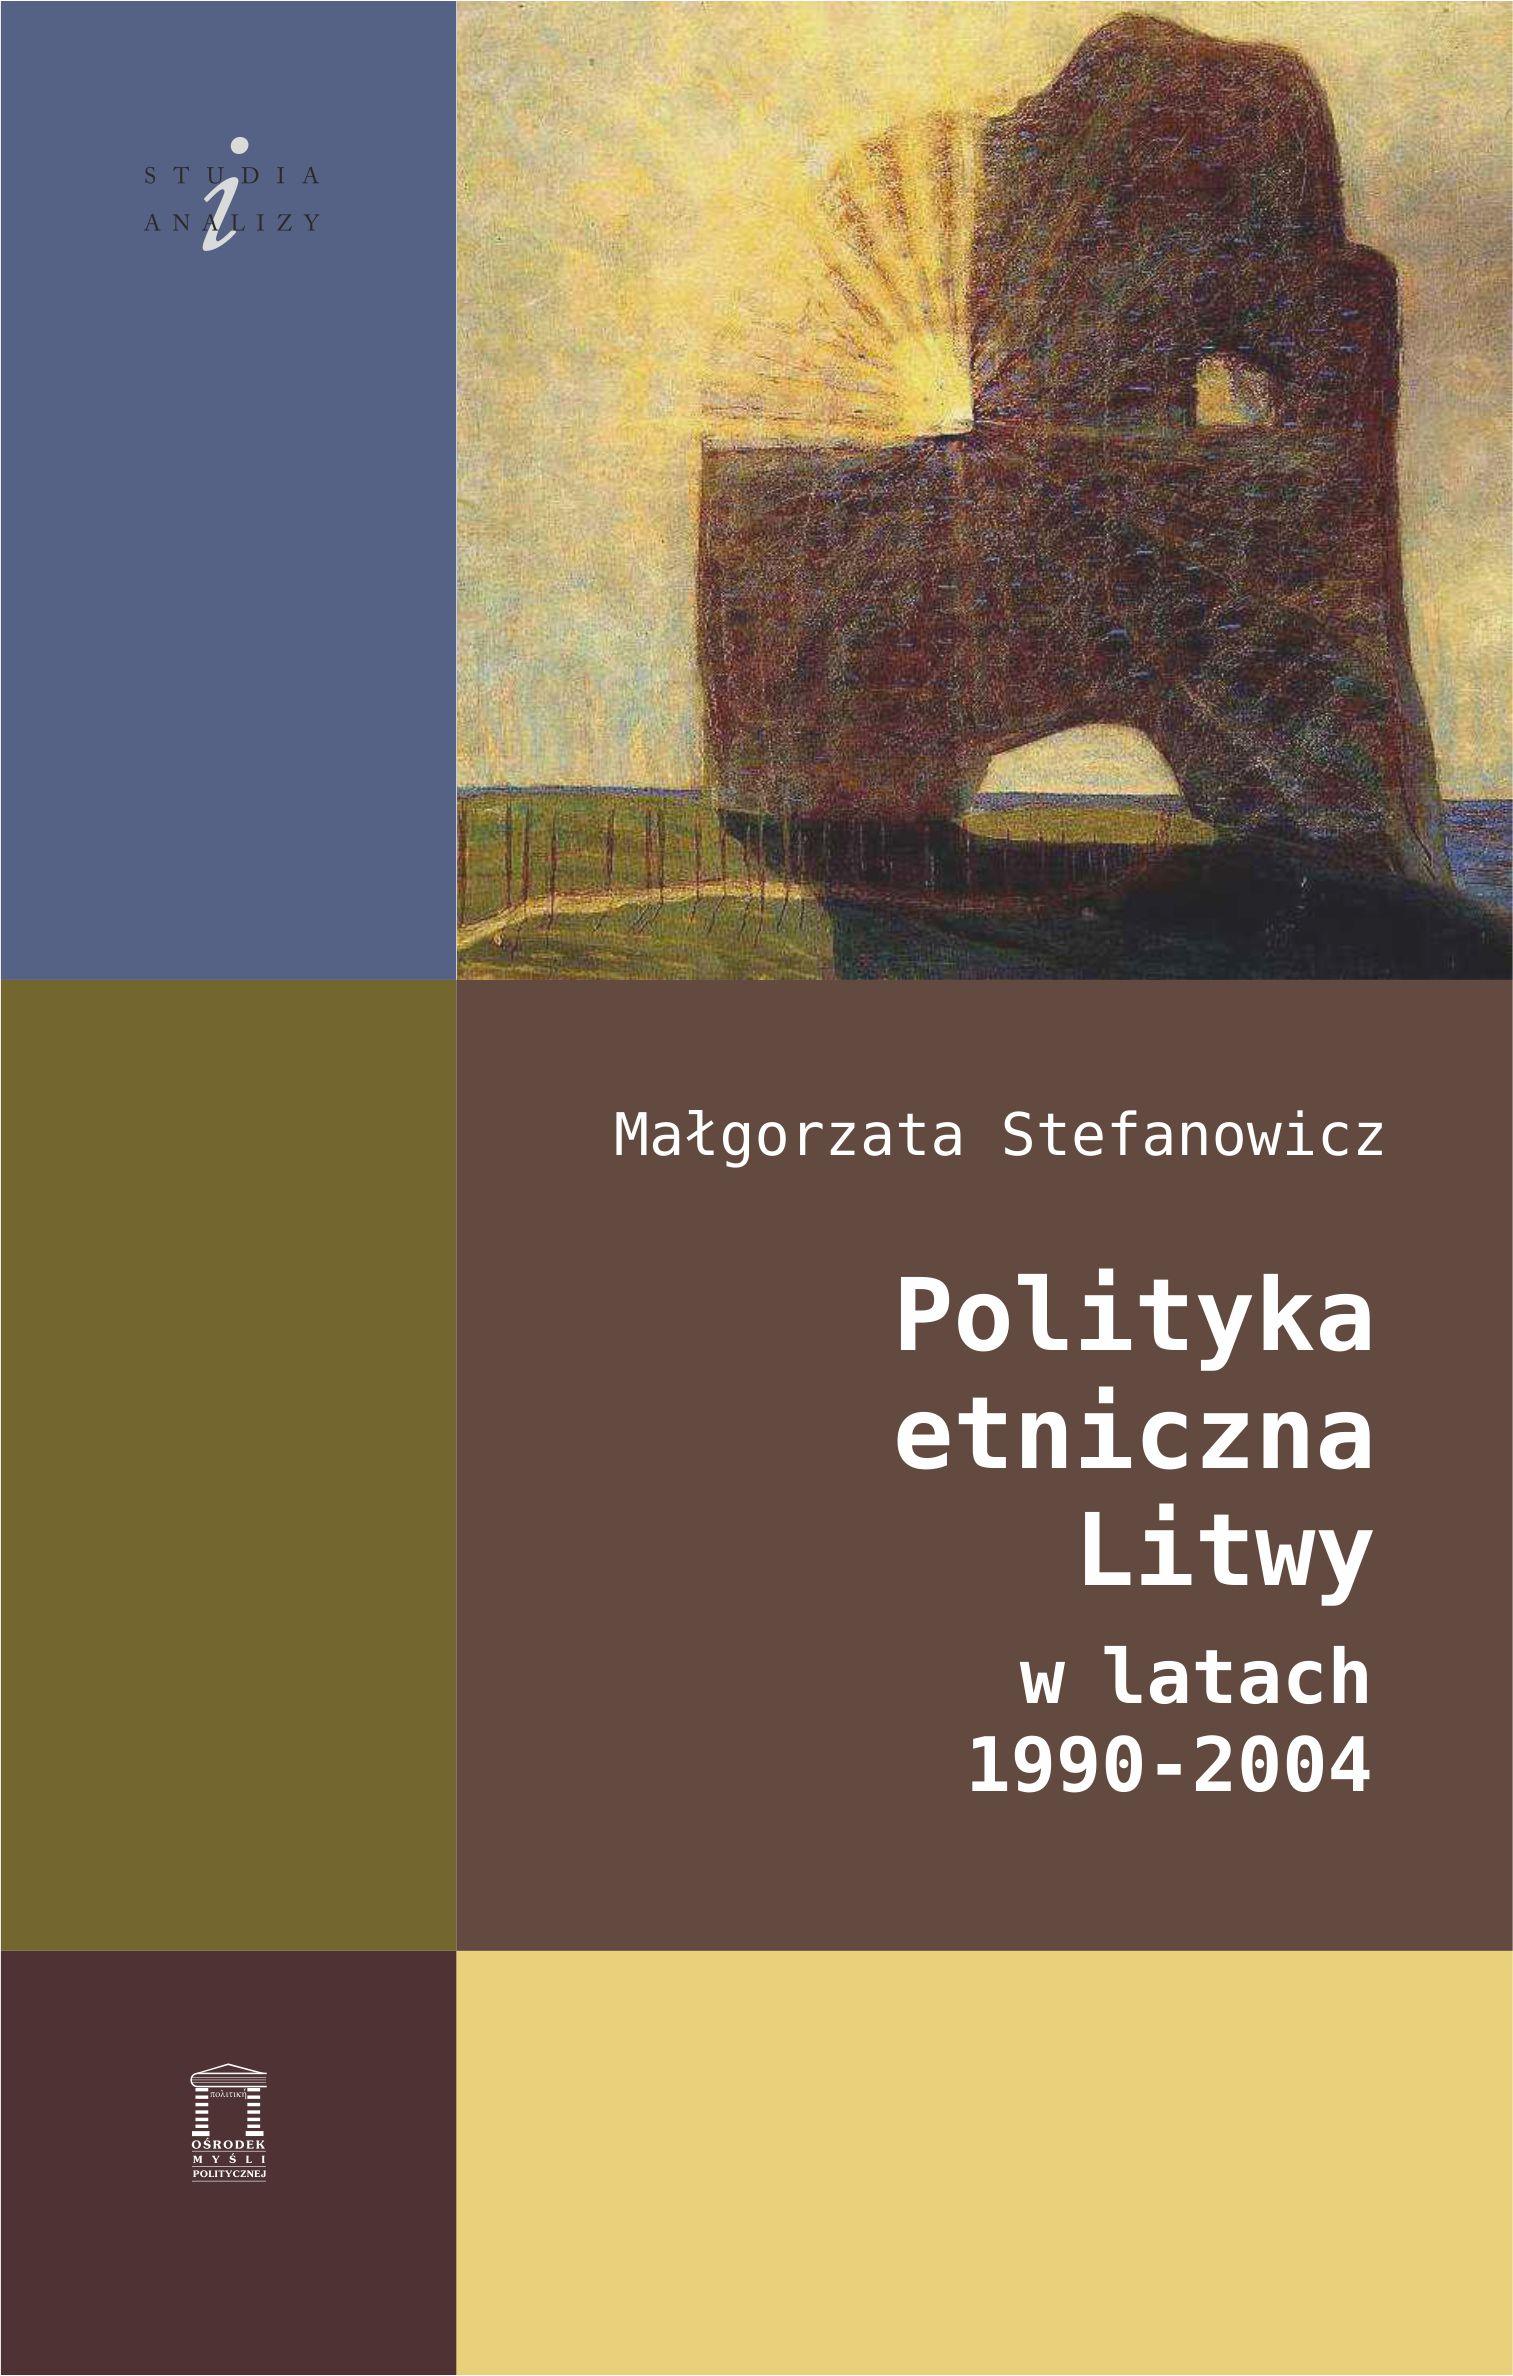 Polityka etniczna Litwy wlatach 1990-2004